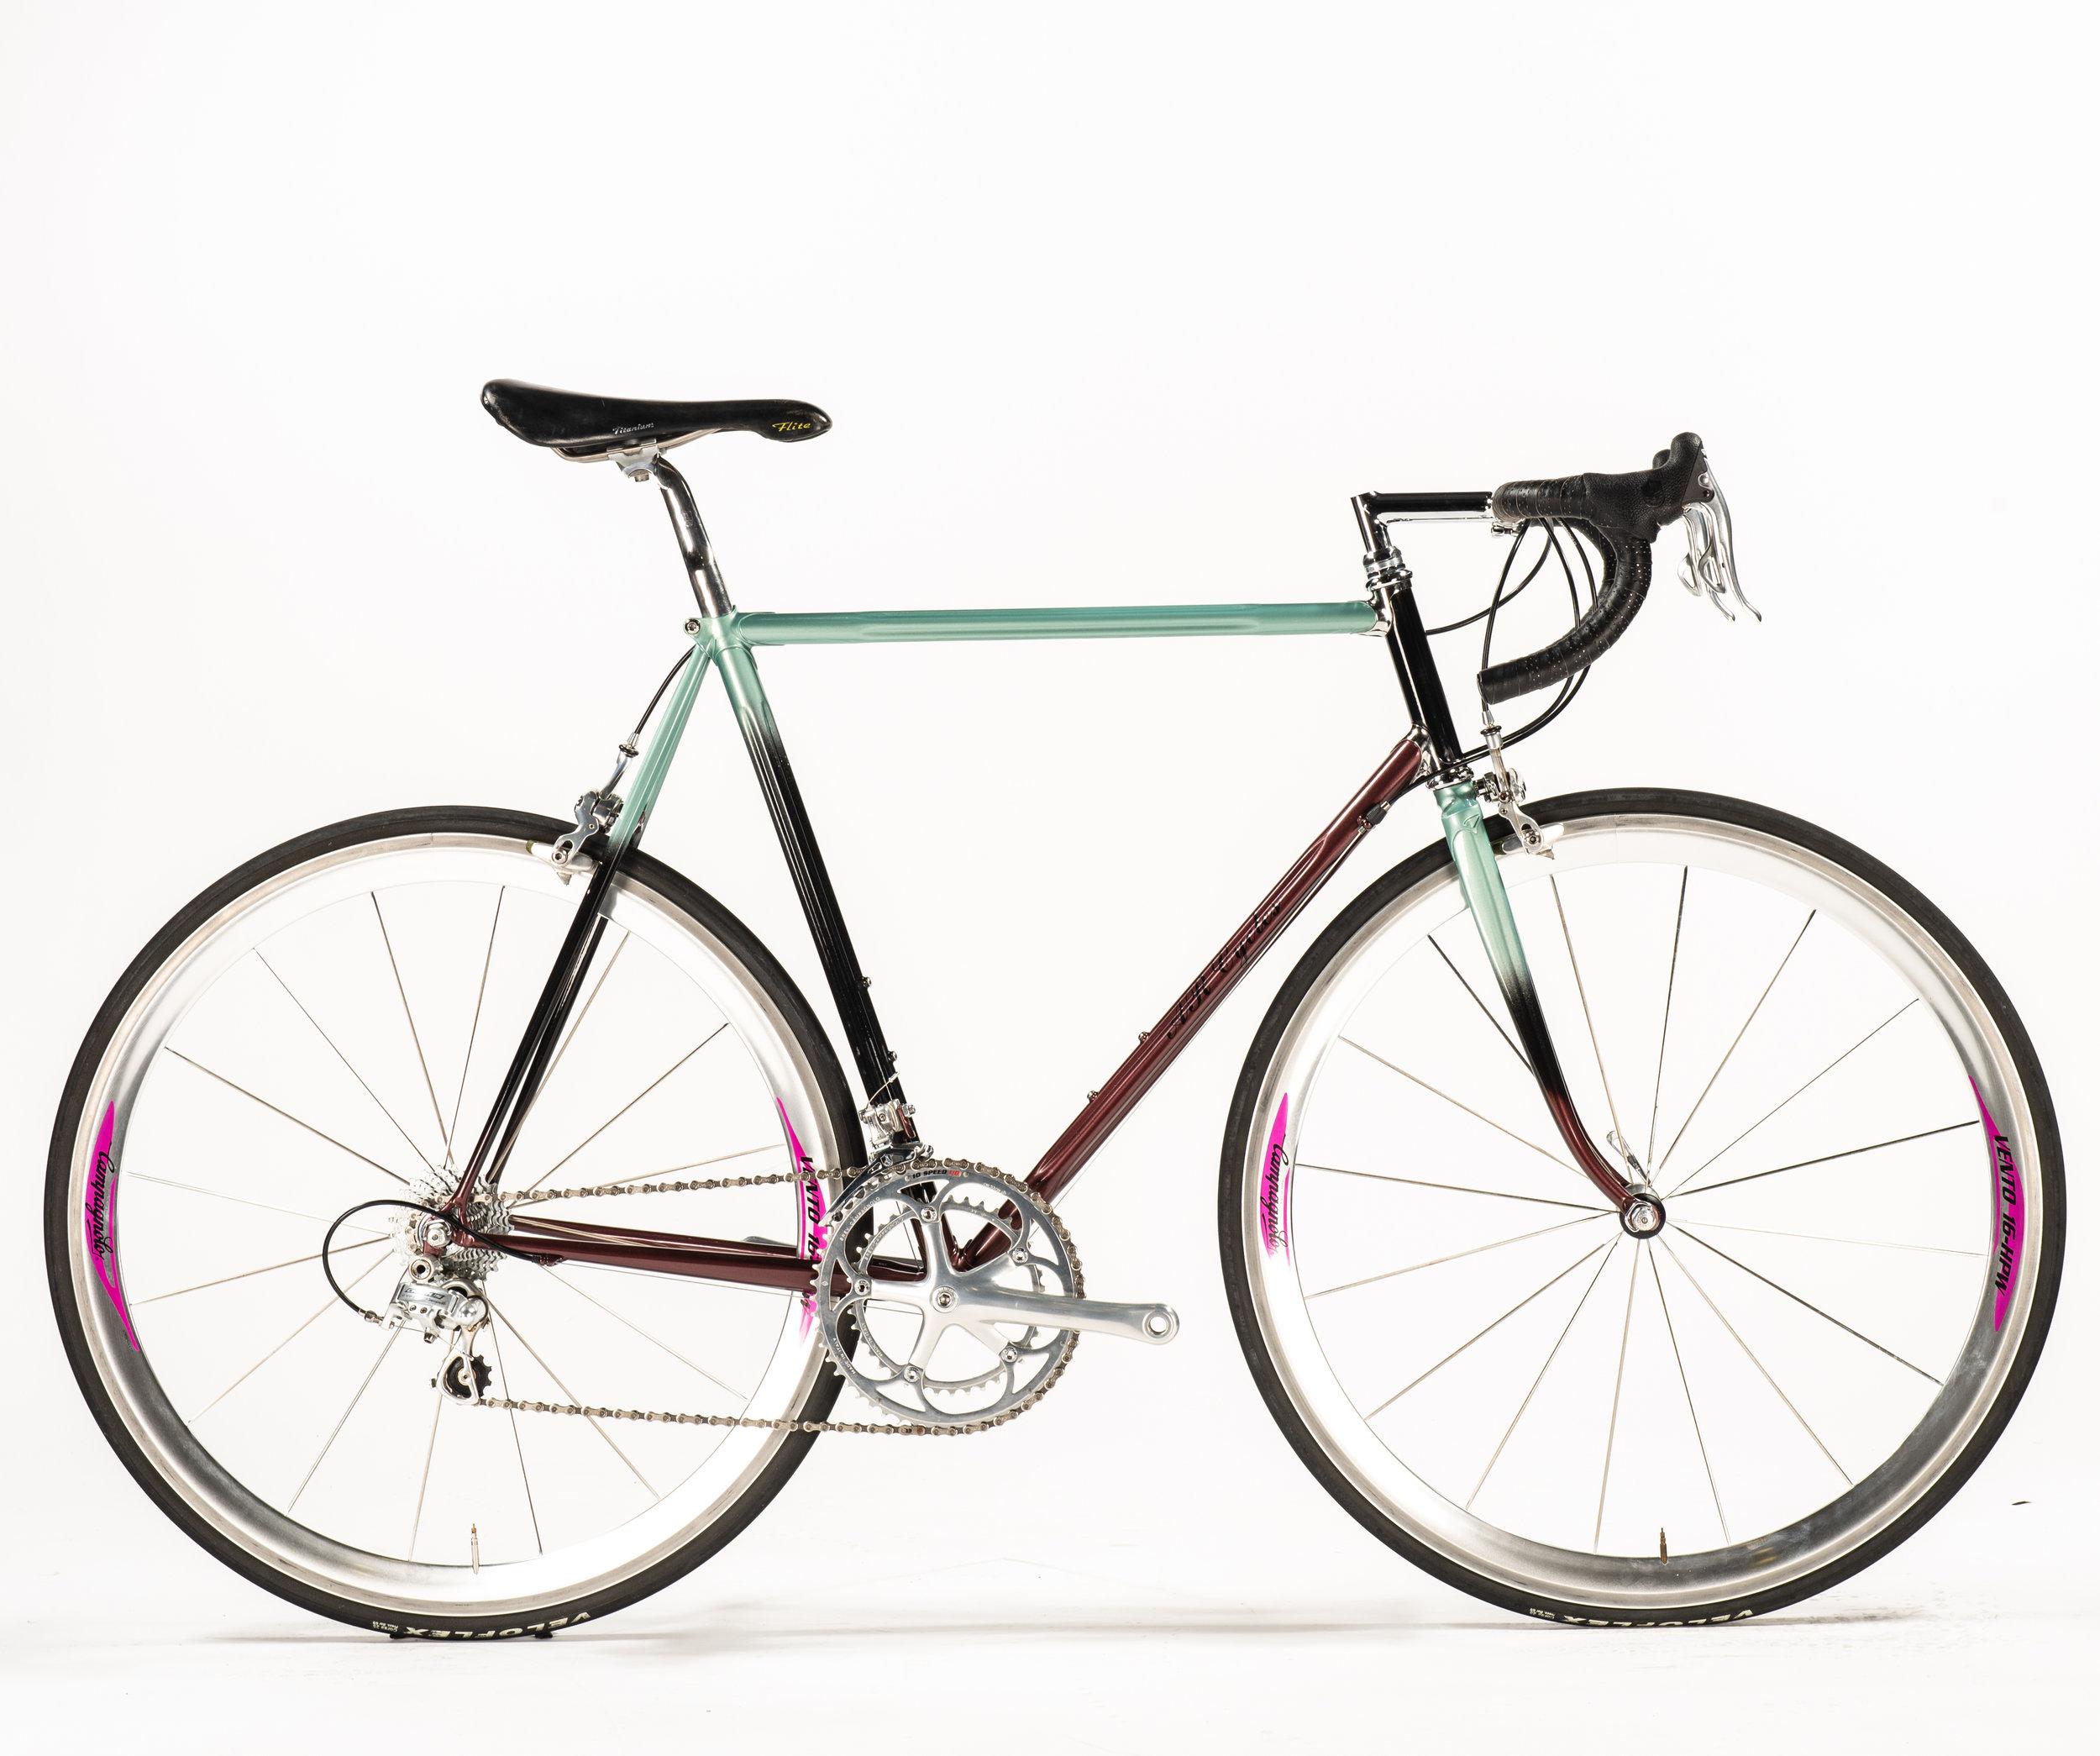 ar_cycles_nahbs2019-bq-1.jpg